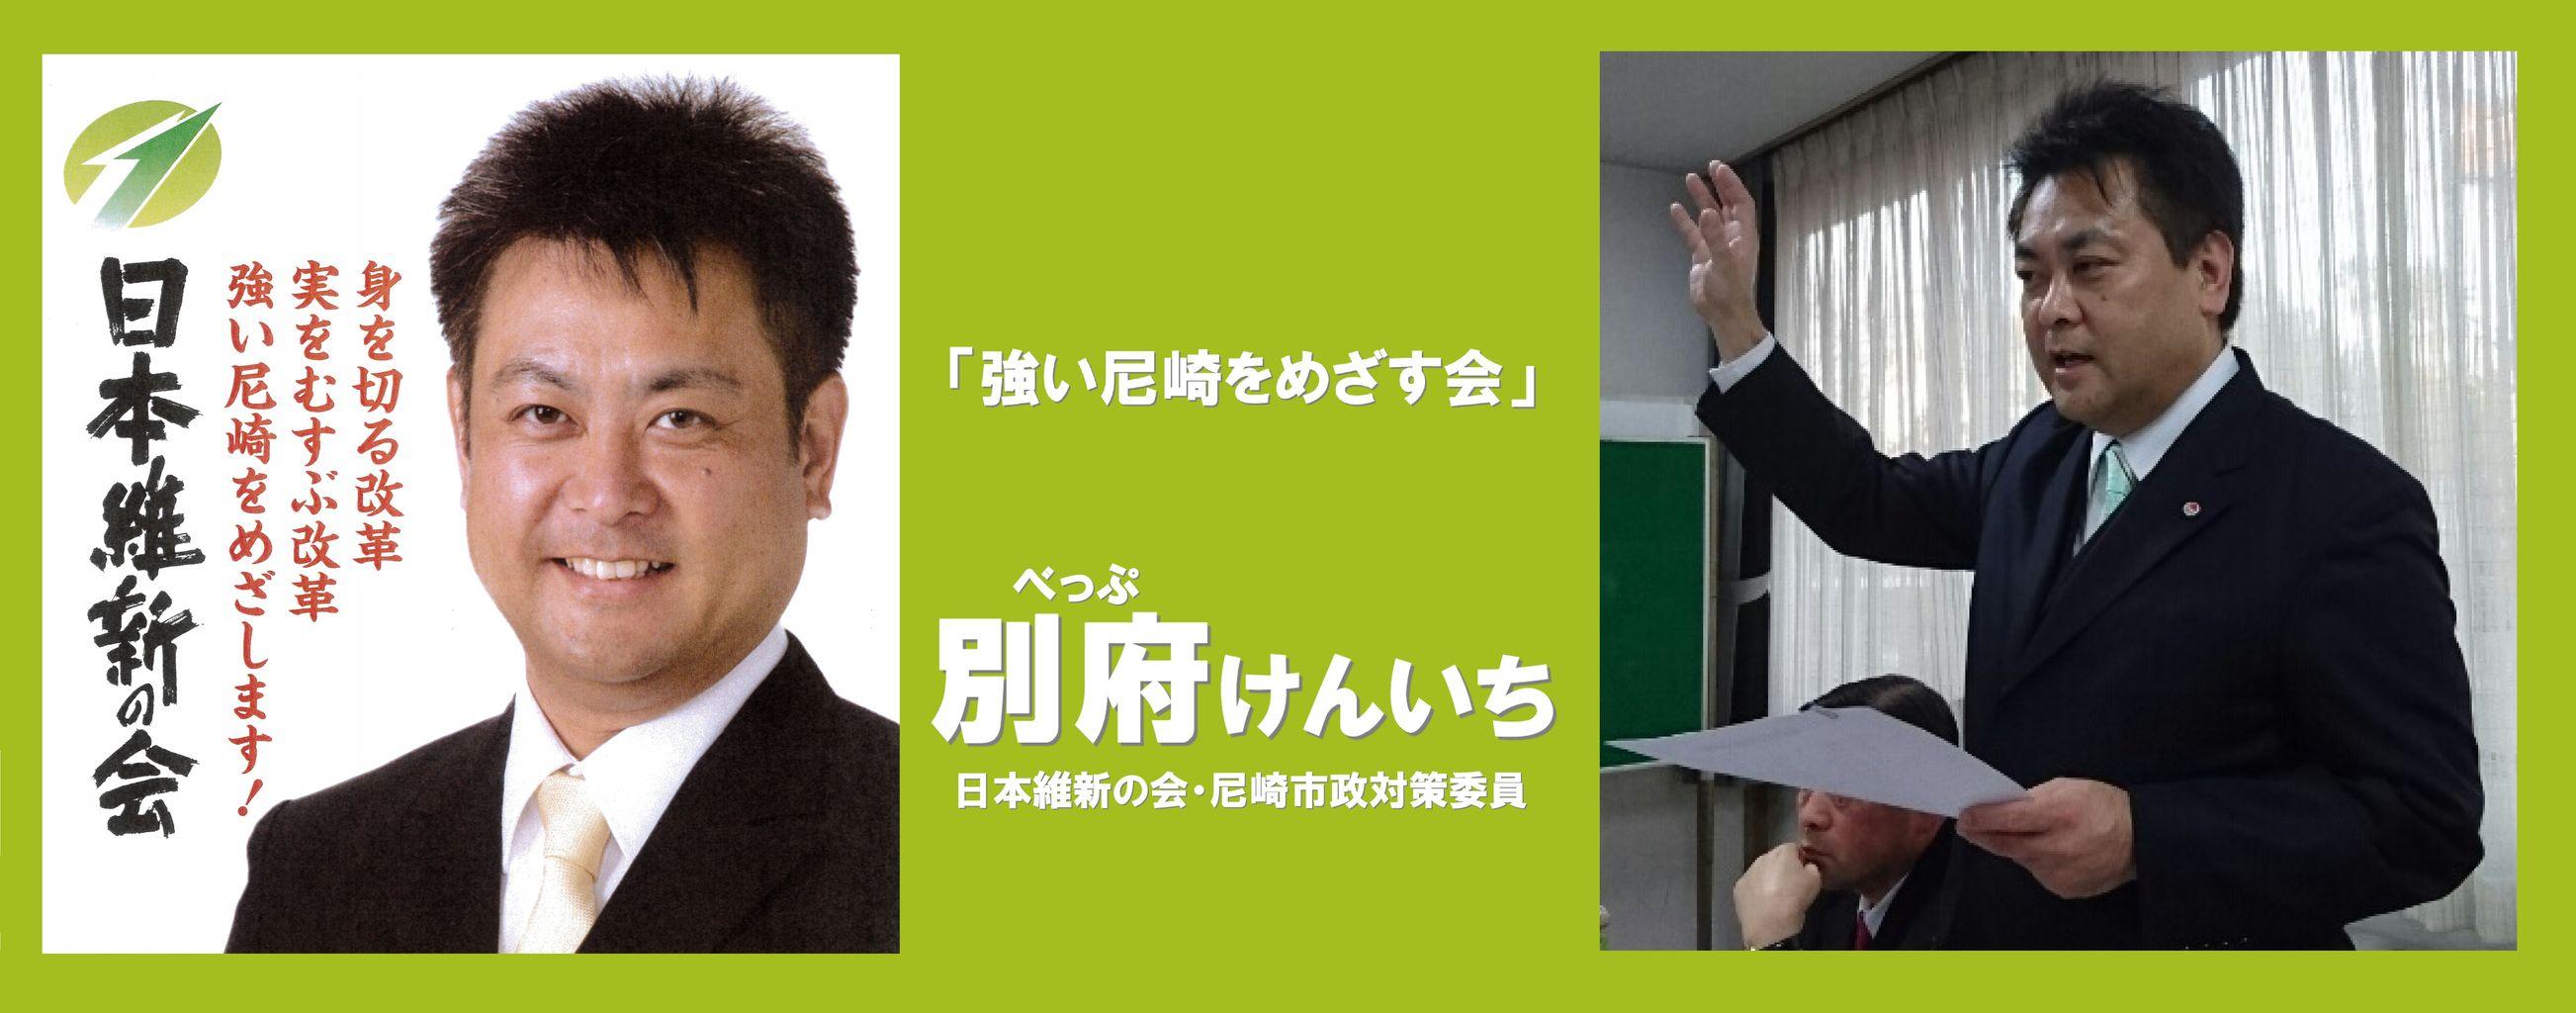 強い尼崎をめざす会 イメージ画像